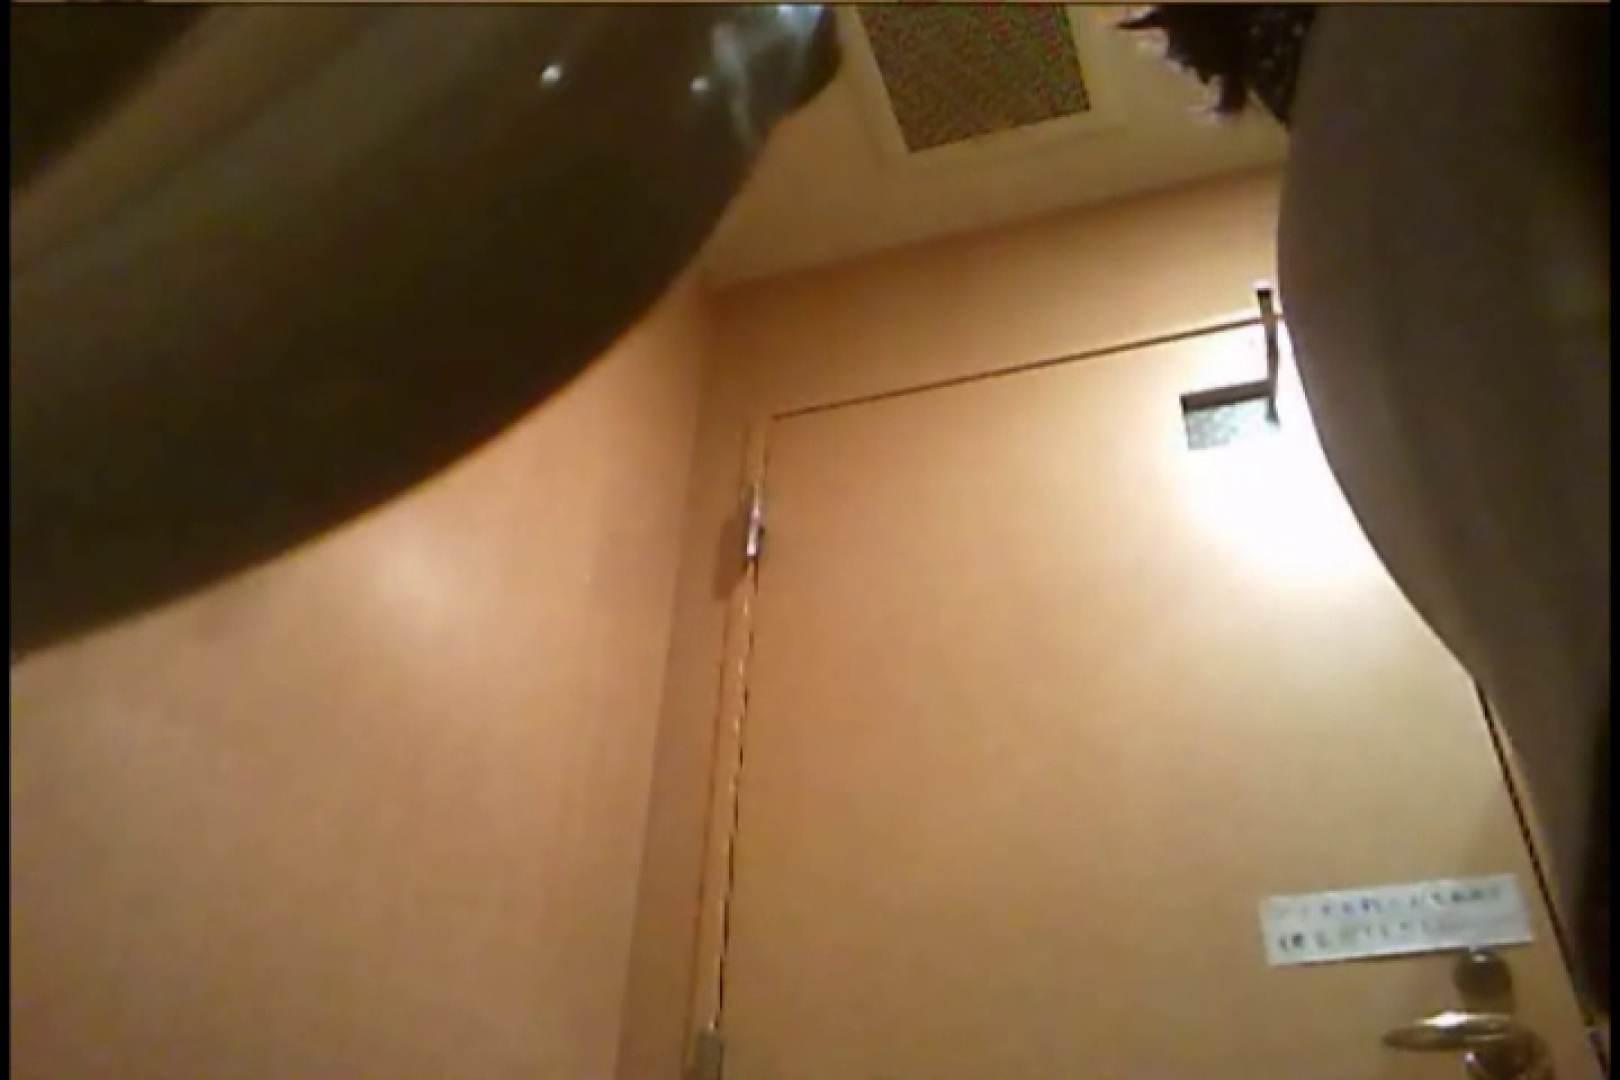 潜入!!女子化粧室盗撮~絶対見られたくない時間~vo,21 熟女のエロ動画 ワレメ動画紹介 101PIX 55